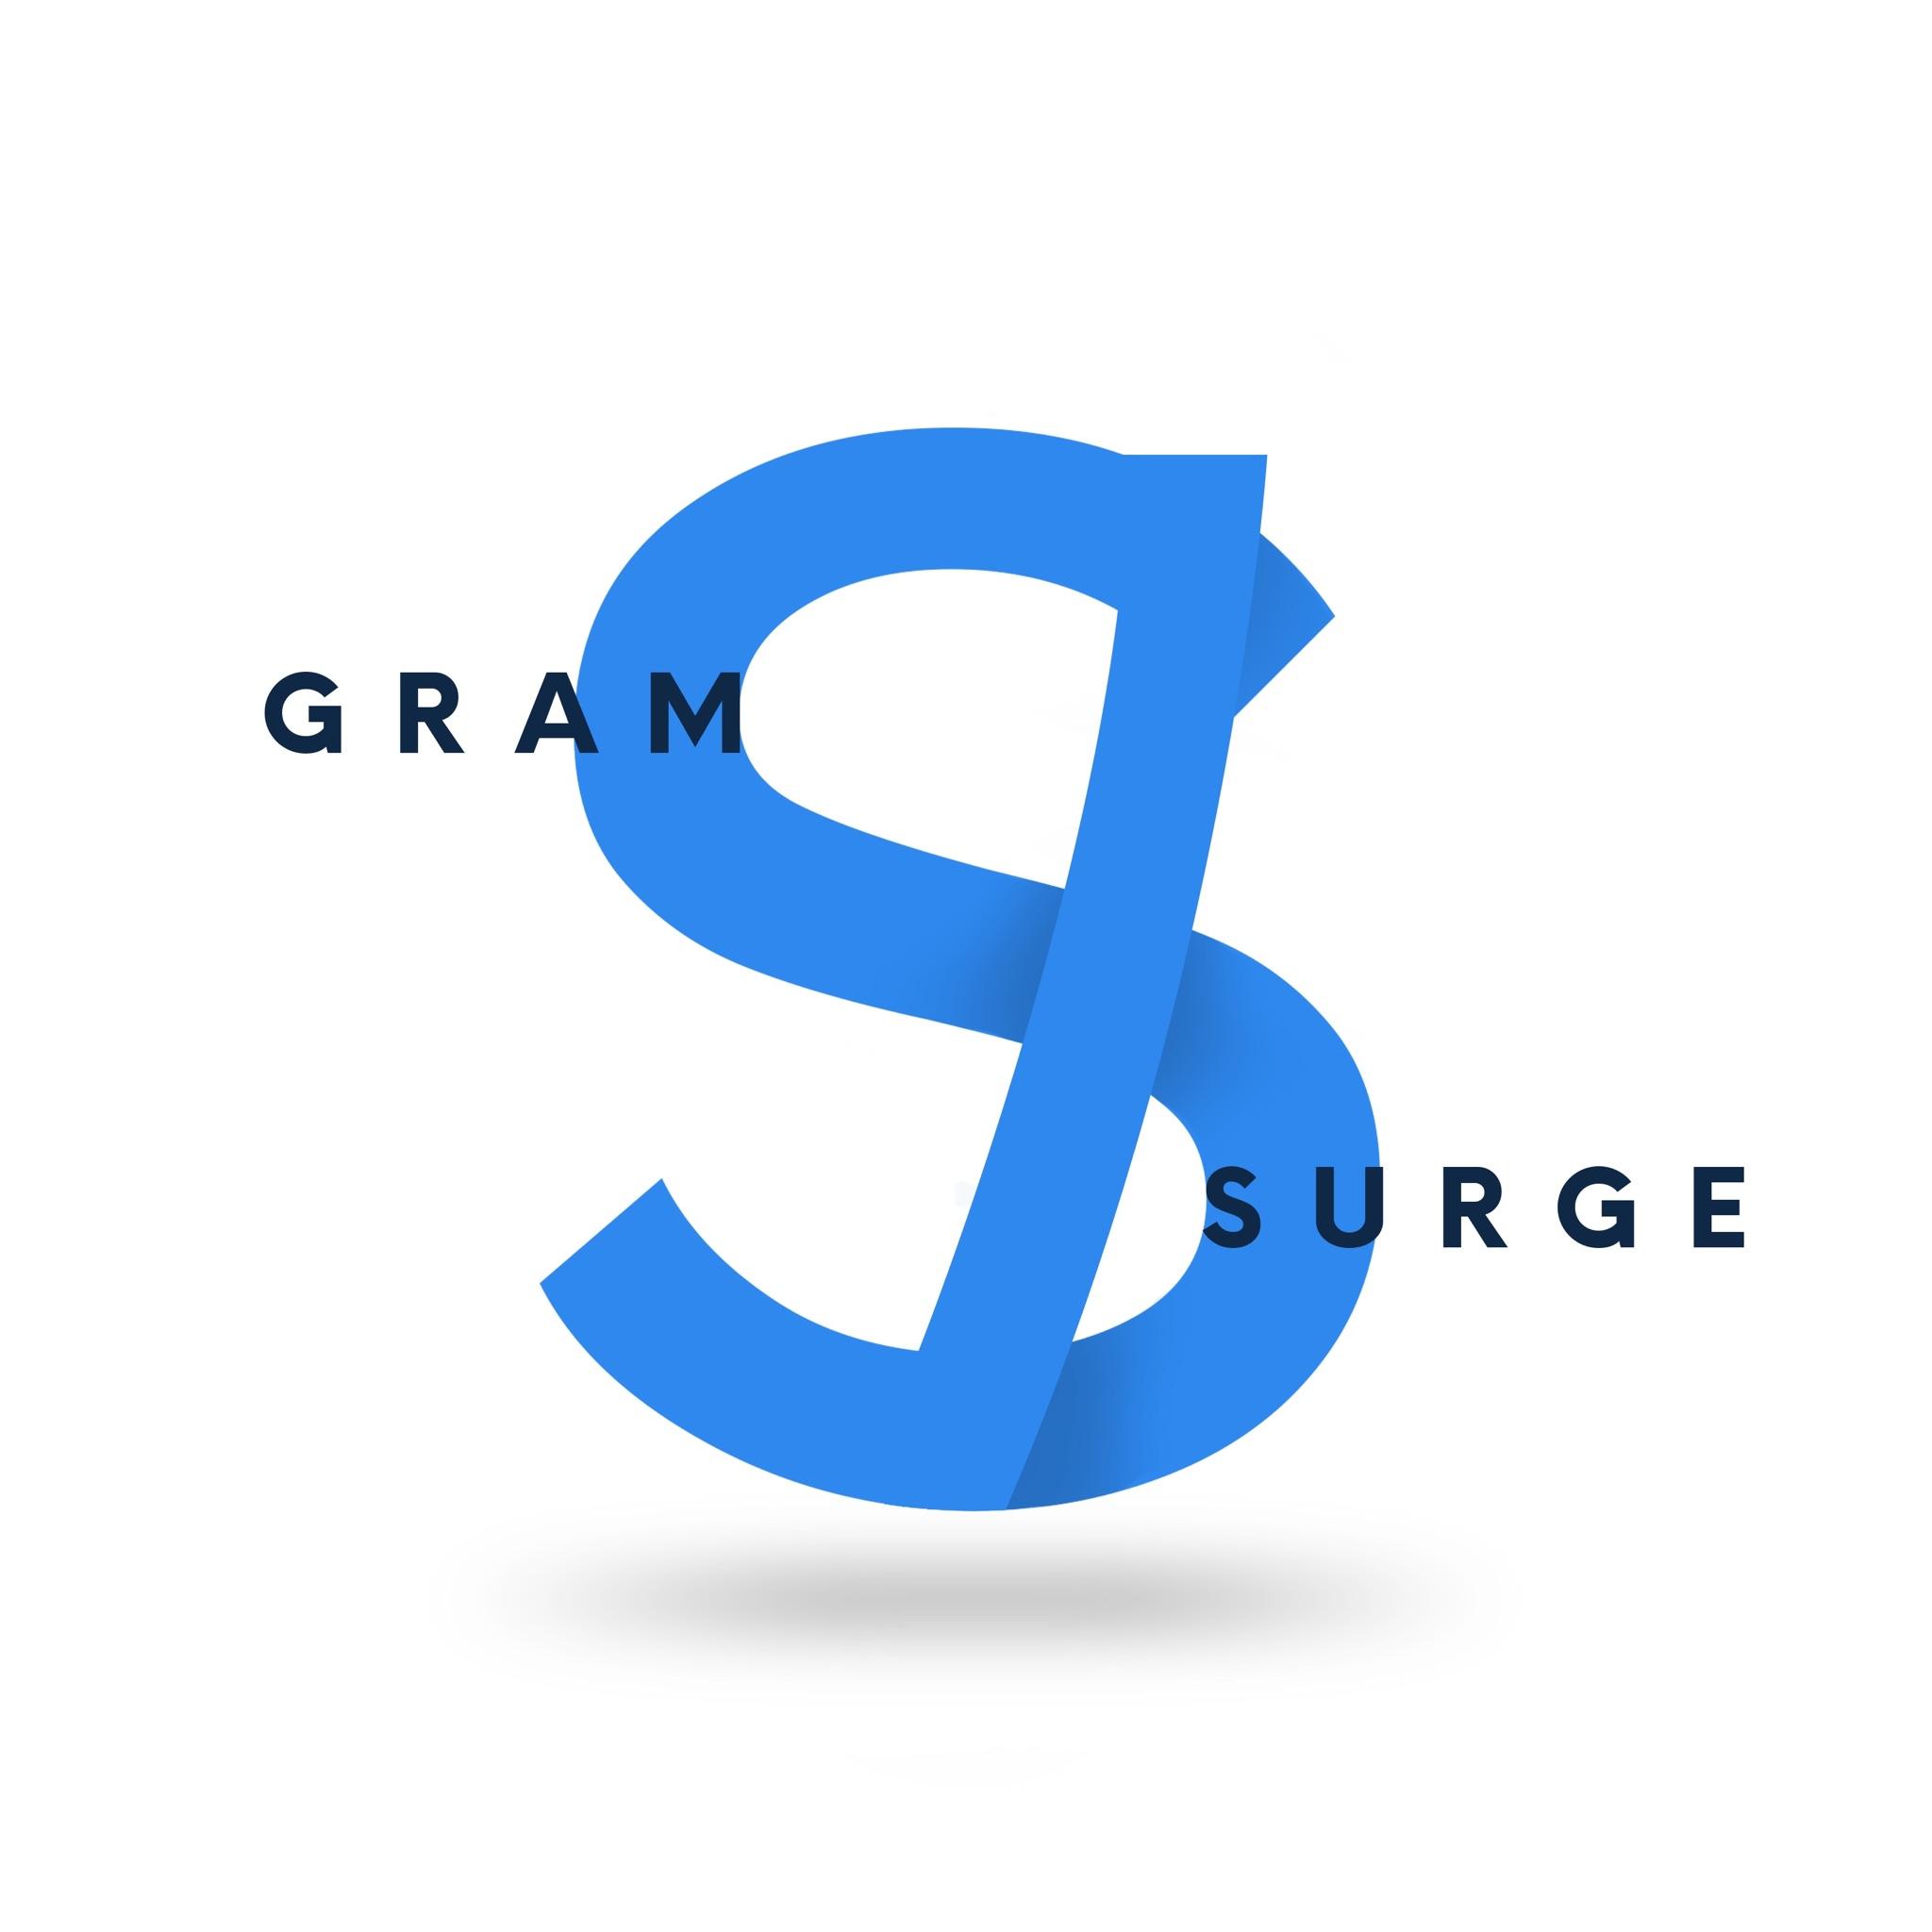 GramSurge